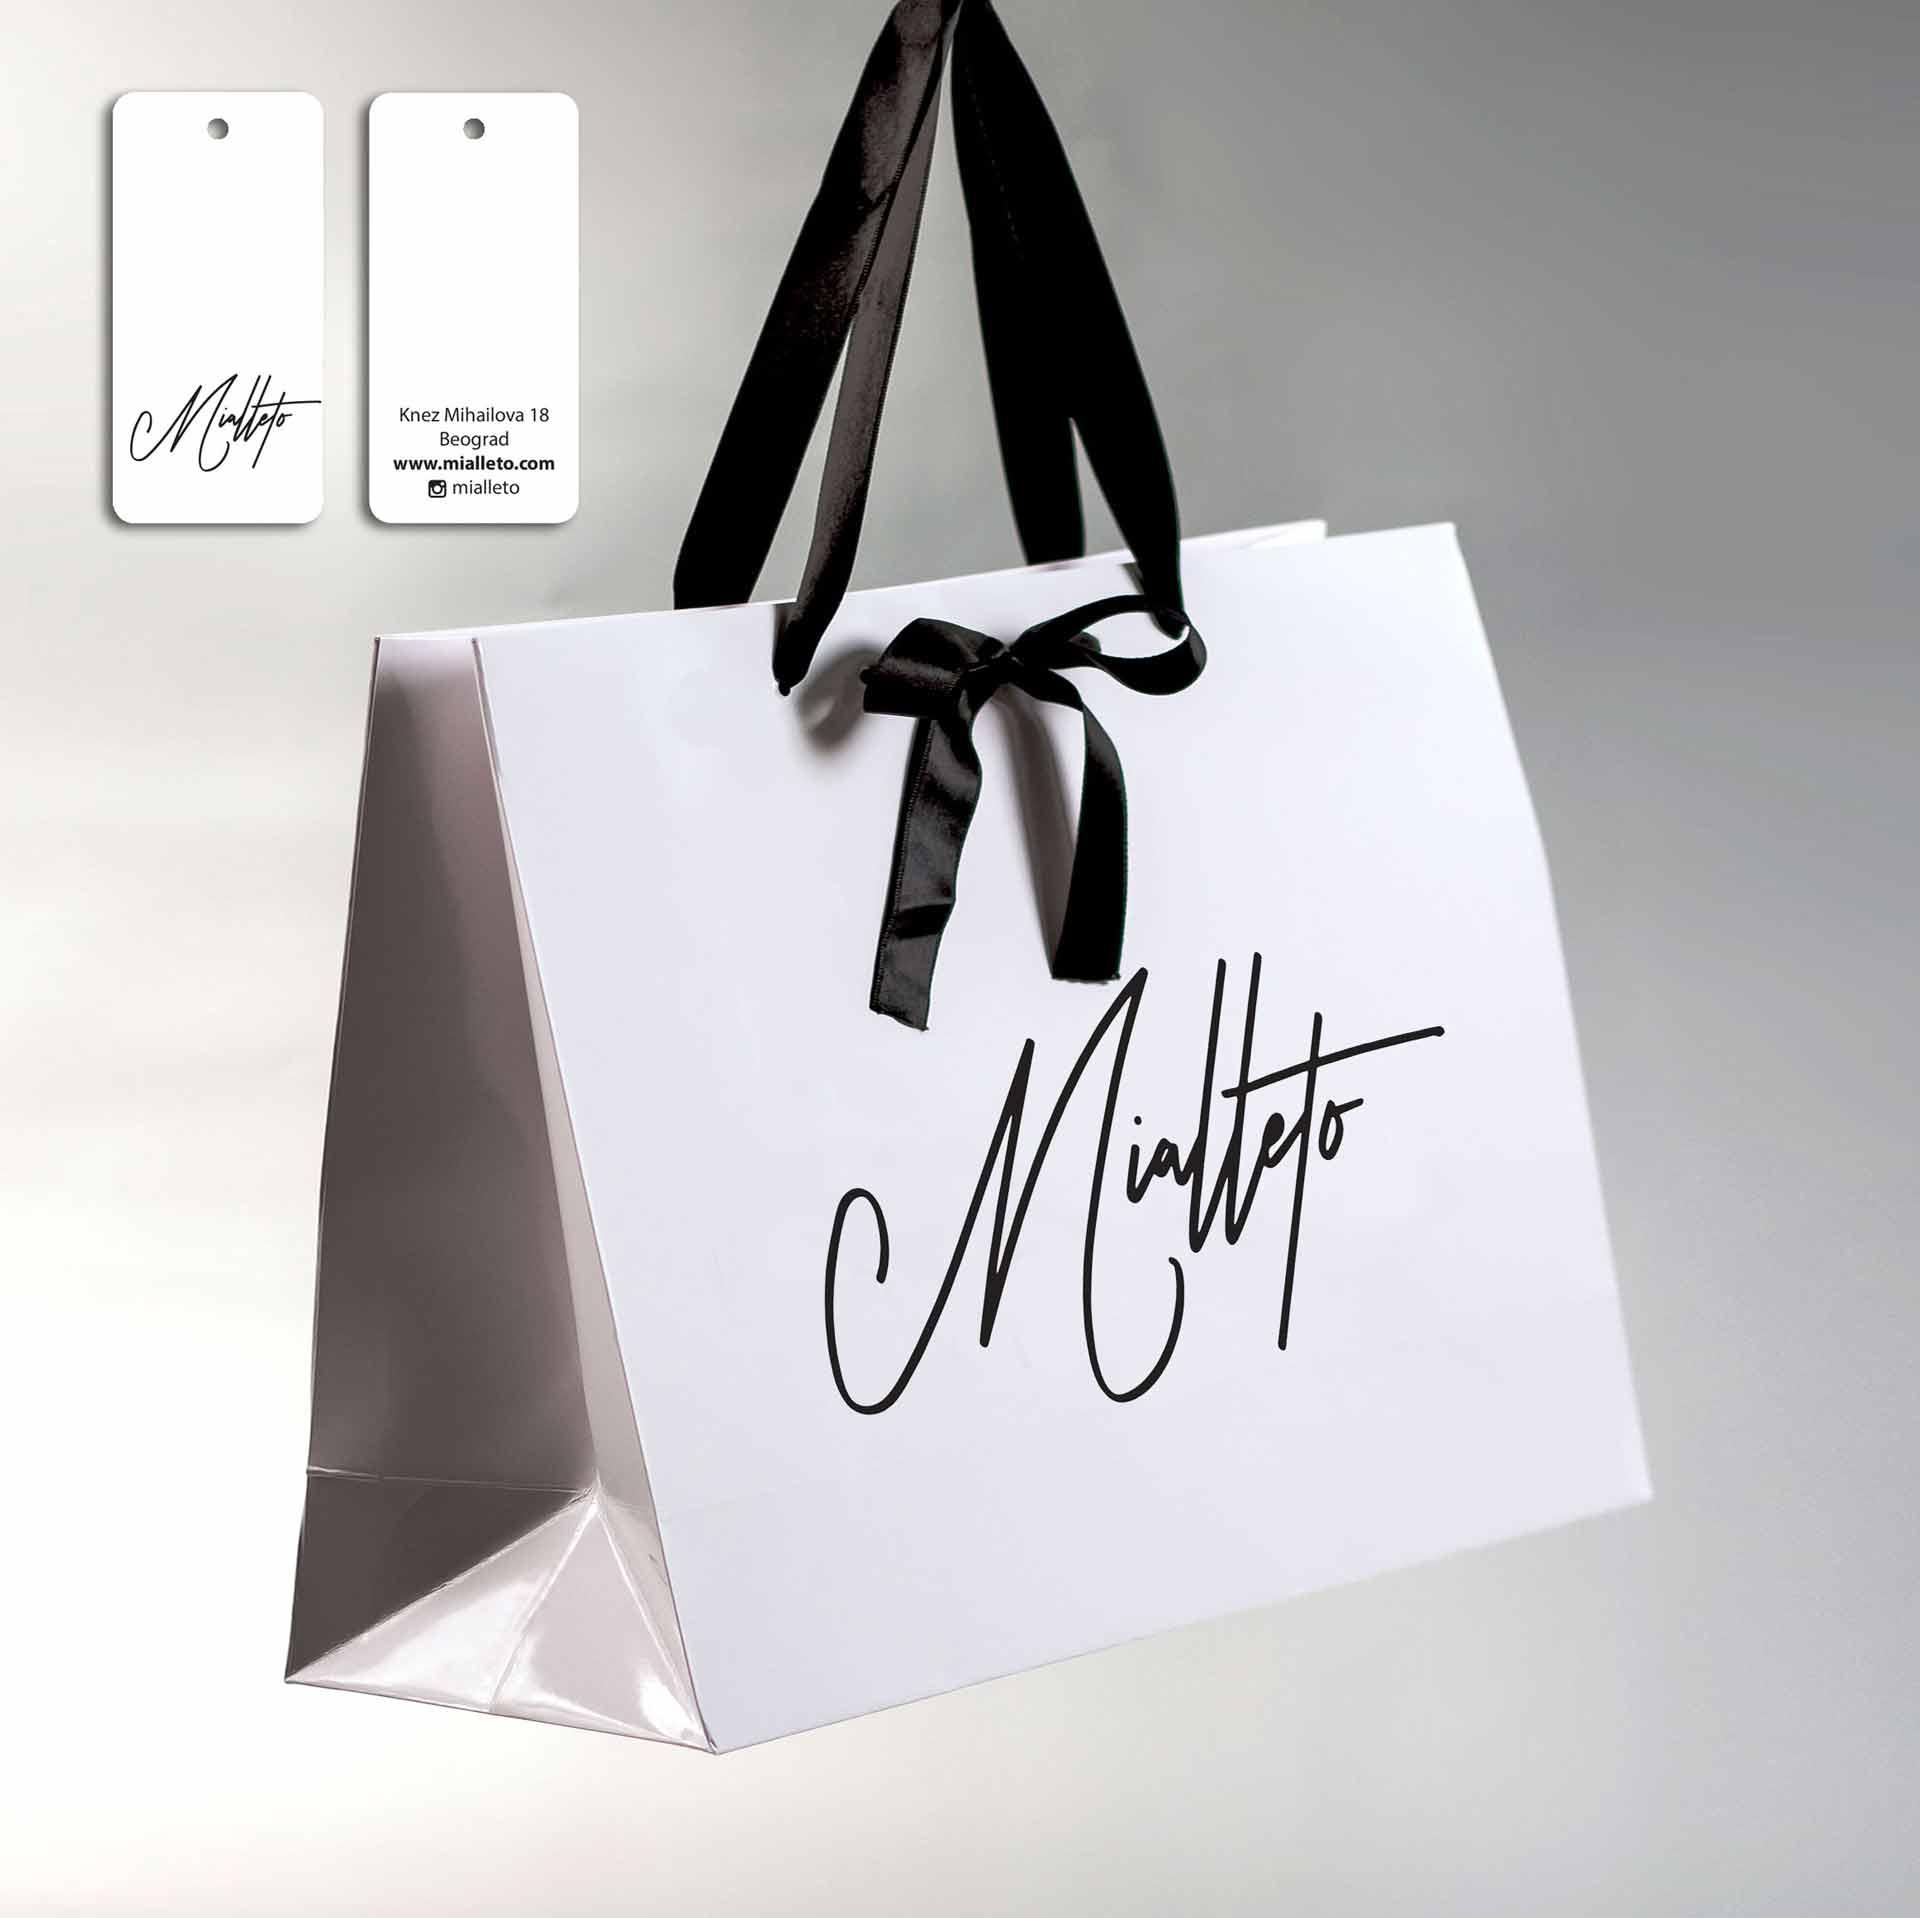 Dizajn -  Idejno rešenje, luksuzna kesa sa trakom  (3D) + etiketa za konfekciju / Mialetto